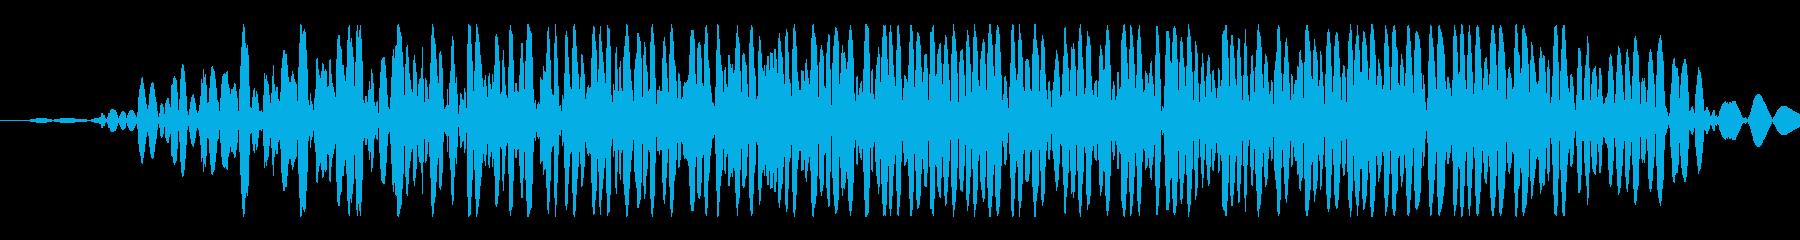 大きなクリーチャー:短い低うなり声の再生済みの波形